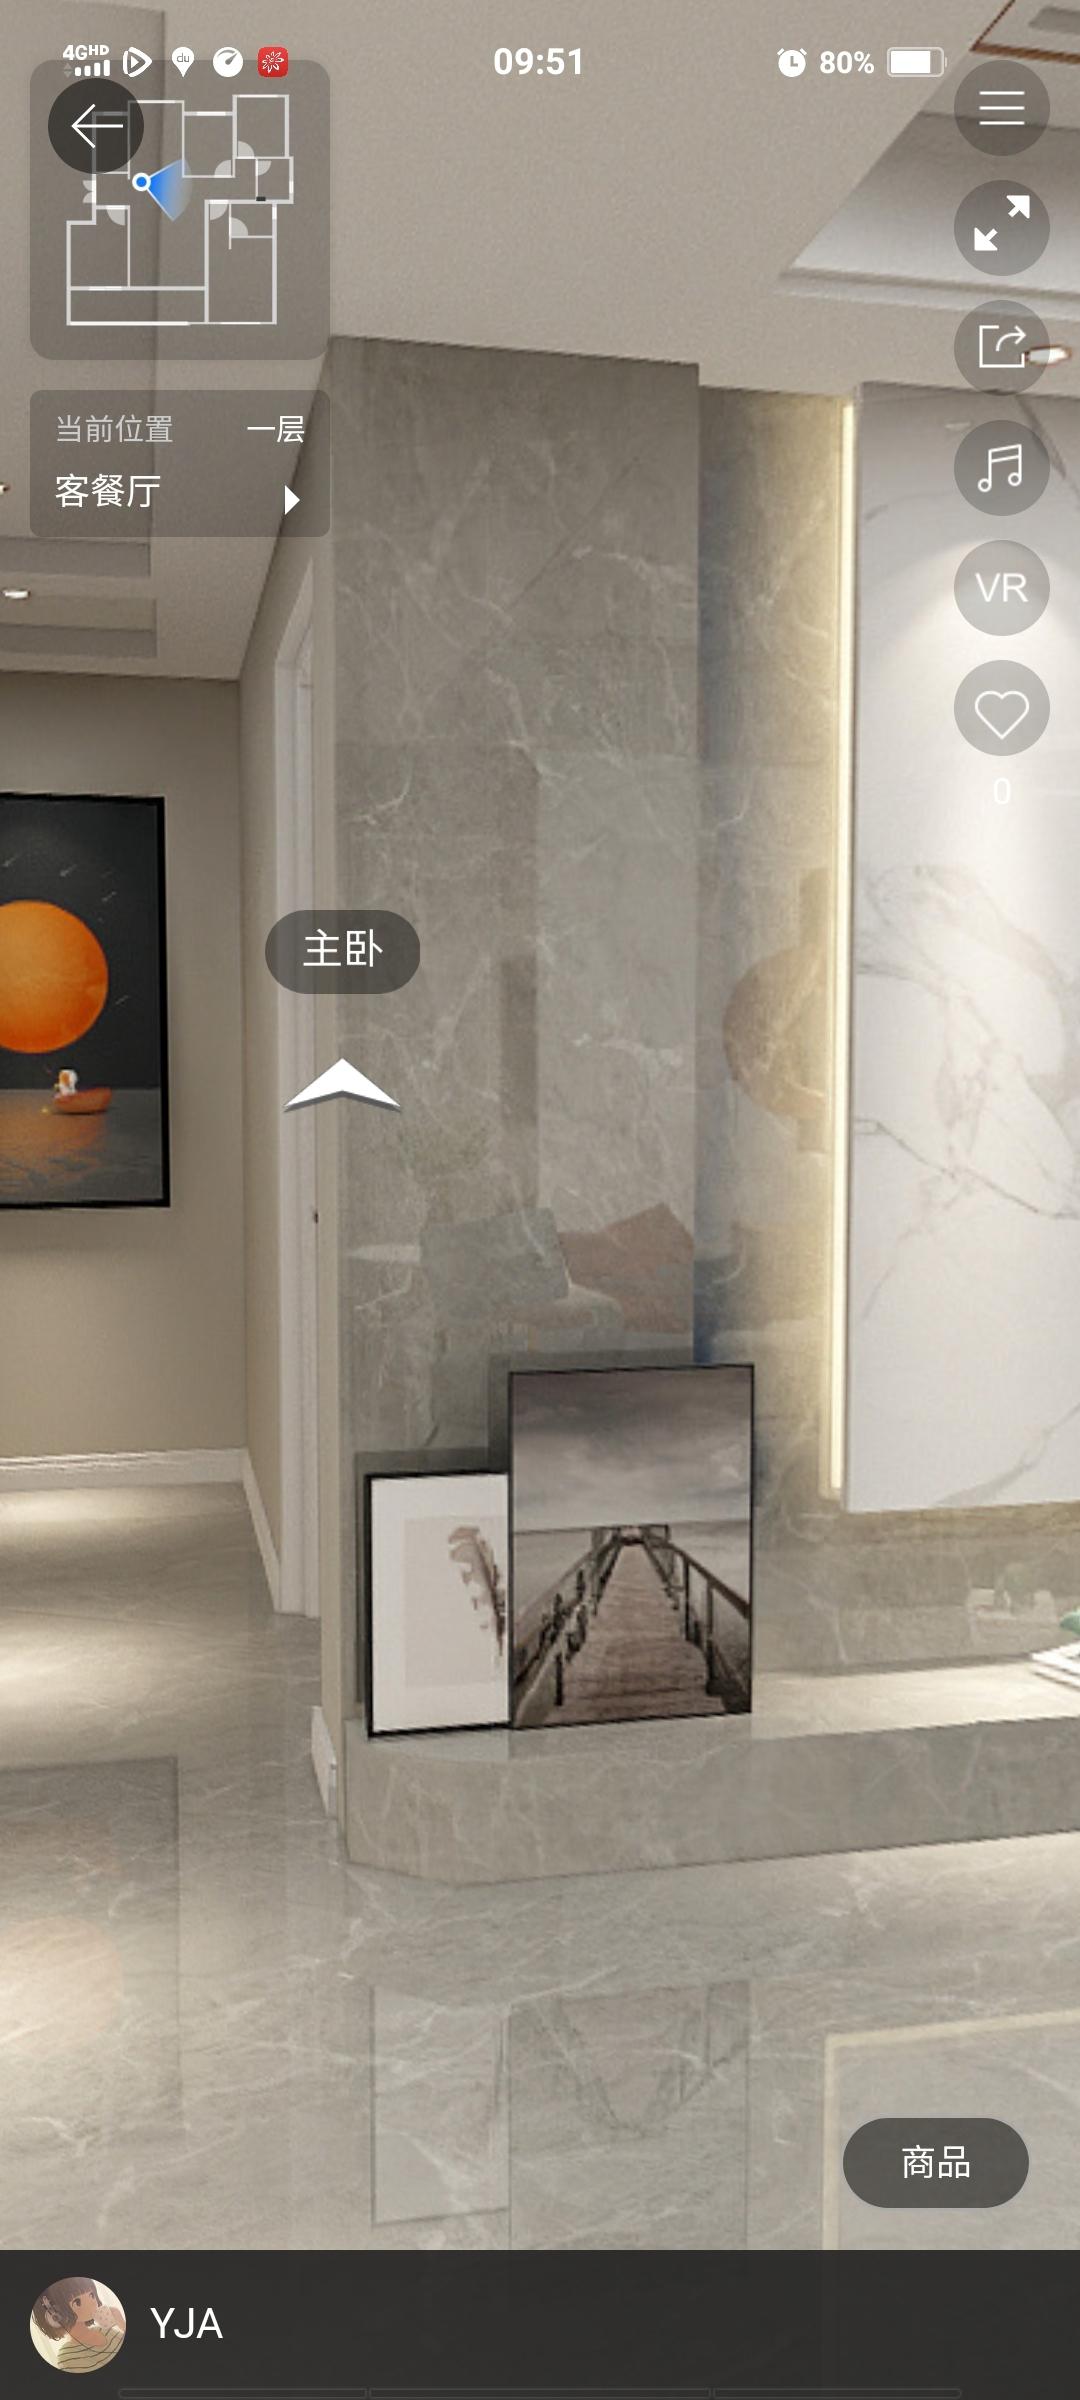 这个地台应该怎么收口好看,另一面墙是墙布